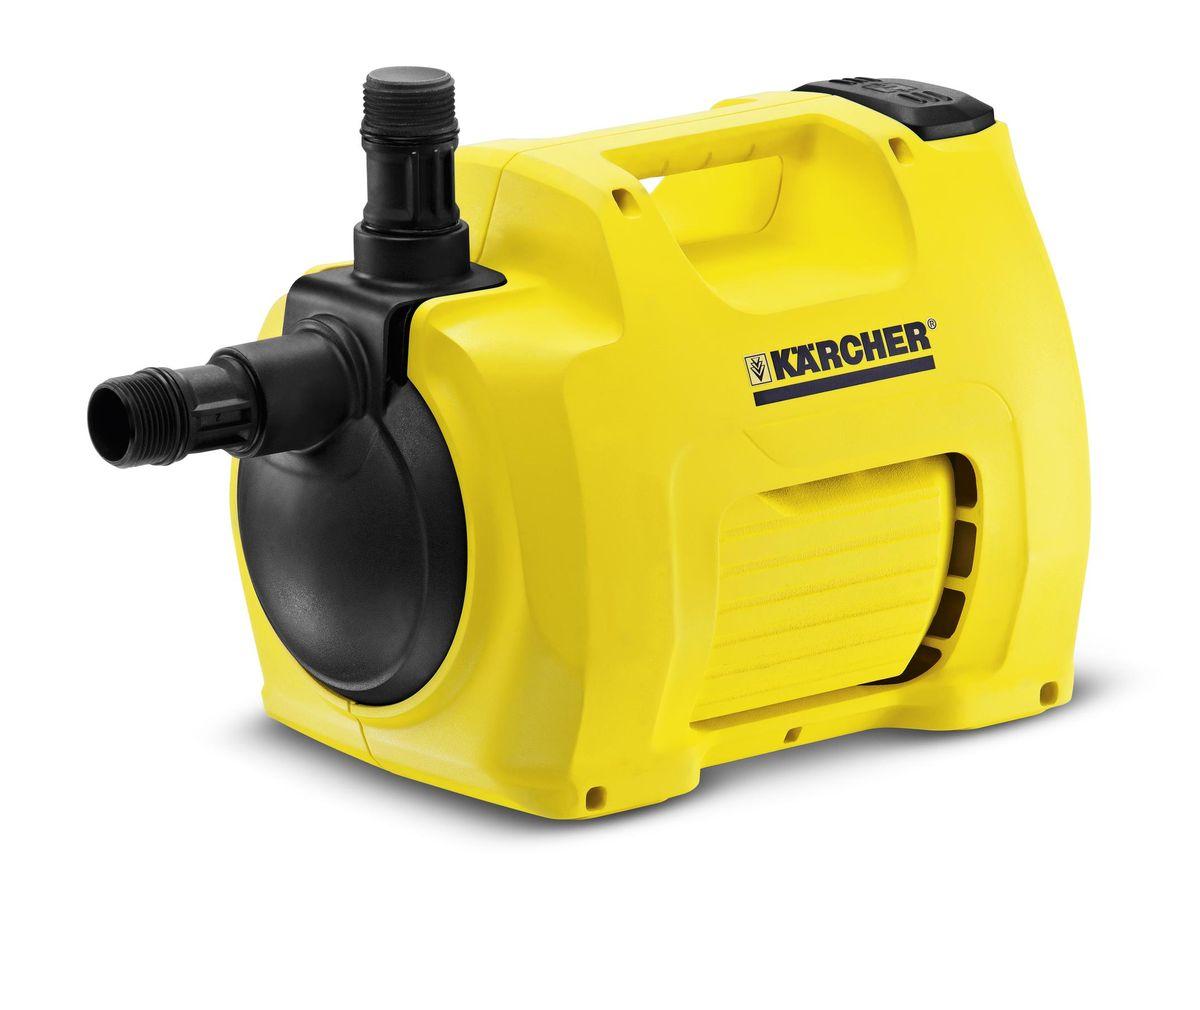 Насос для дома и сада Karcher BP 3 Garden 1.645-351.068/1/6Насос для дома и сада Karcher BP 3 Garden обеспечивает надежное орошение сада и постоянное давление воды, необходимое для водоснабжения дома. Насос с нулевым энергопотреблением в режиме ожидания. Работает только тогда, когда это необходимо, он автоматически включается и отключается в зависимости от отбора воды. К насосу можно одновременно присоединить два шланга - например, один для ручного полива, а другой - для орошения газона дождевателем. Мощный насос не требует технического обслуживания и впечатляет постоянным давлением для оптимального полива и водоснабжения. Ножной переключатель и звукопоглощающие резиновые ножки дают дополнительный комфорт. При возникновении неисправности специальный индикатор показывает, где находится ее причина - со стороны всасывания или с напорной стороны. Высококачественные материалы гарантируют долгий срок службы.Максимальная производительность: 3500 л/ч.Максимальная мощность двигателя: 800 Вт.Максимальная высота подачи/давления (м/бар): 40/4.Максимальная высота всасывания: 8 м.Температура подачи: 35°С.Соединительная резьба: G1.Длина соединительного шнура: 1,85 м.